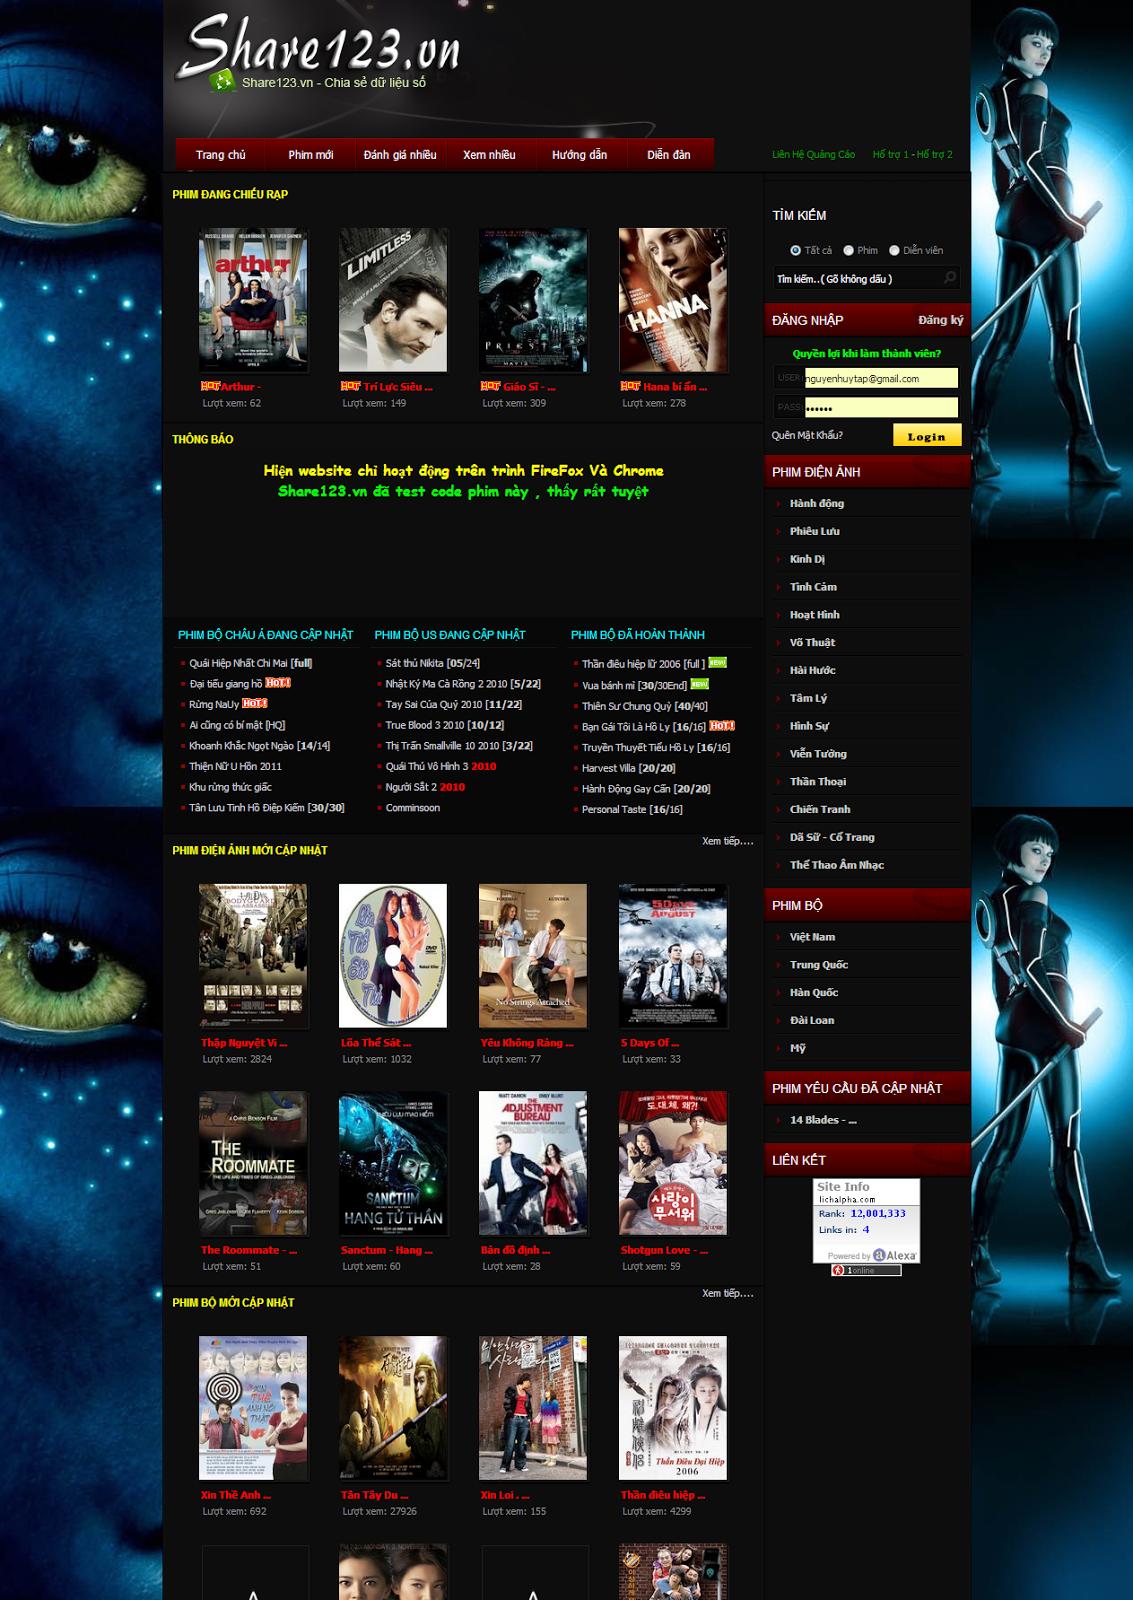 thiết kế web xem phim giá rẻ